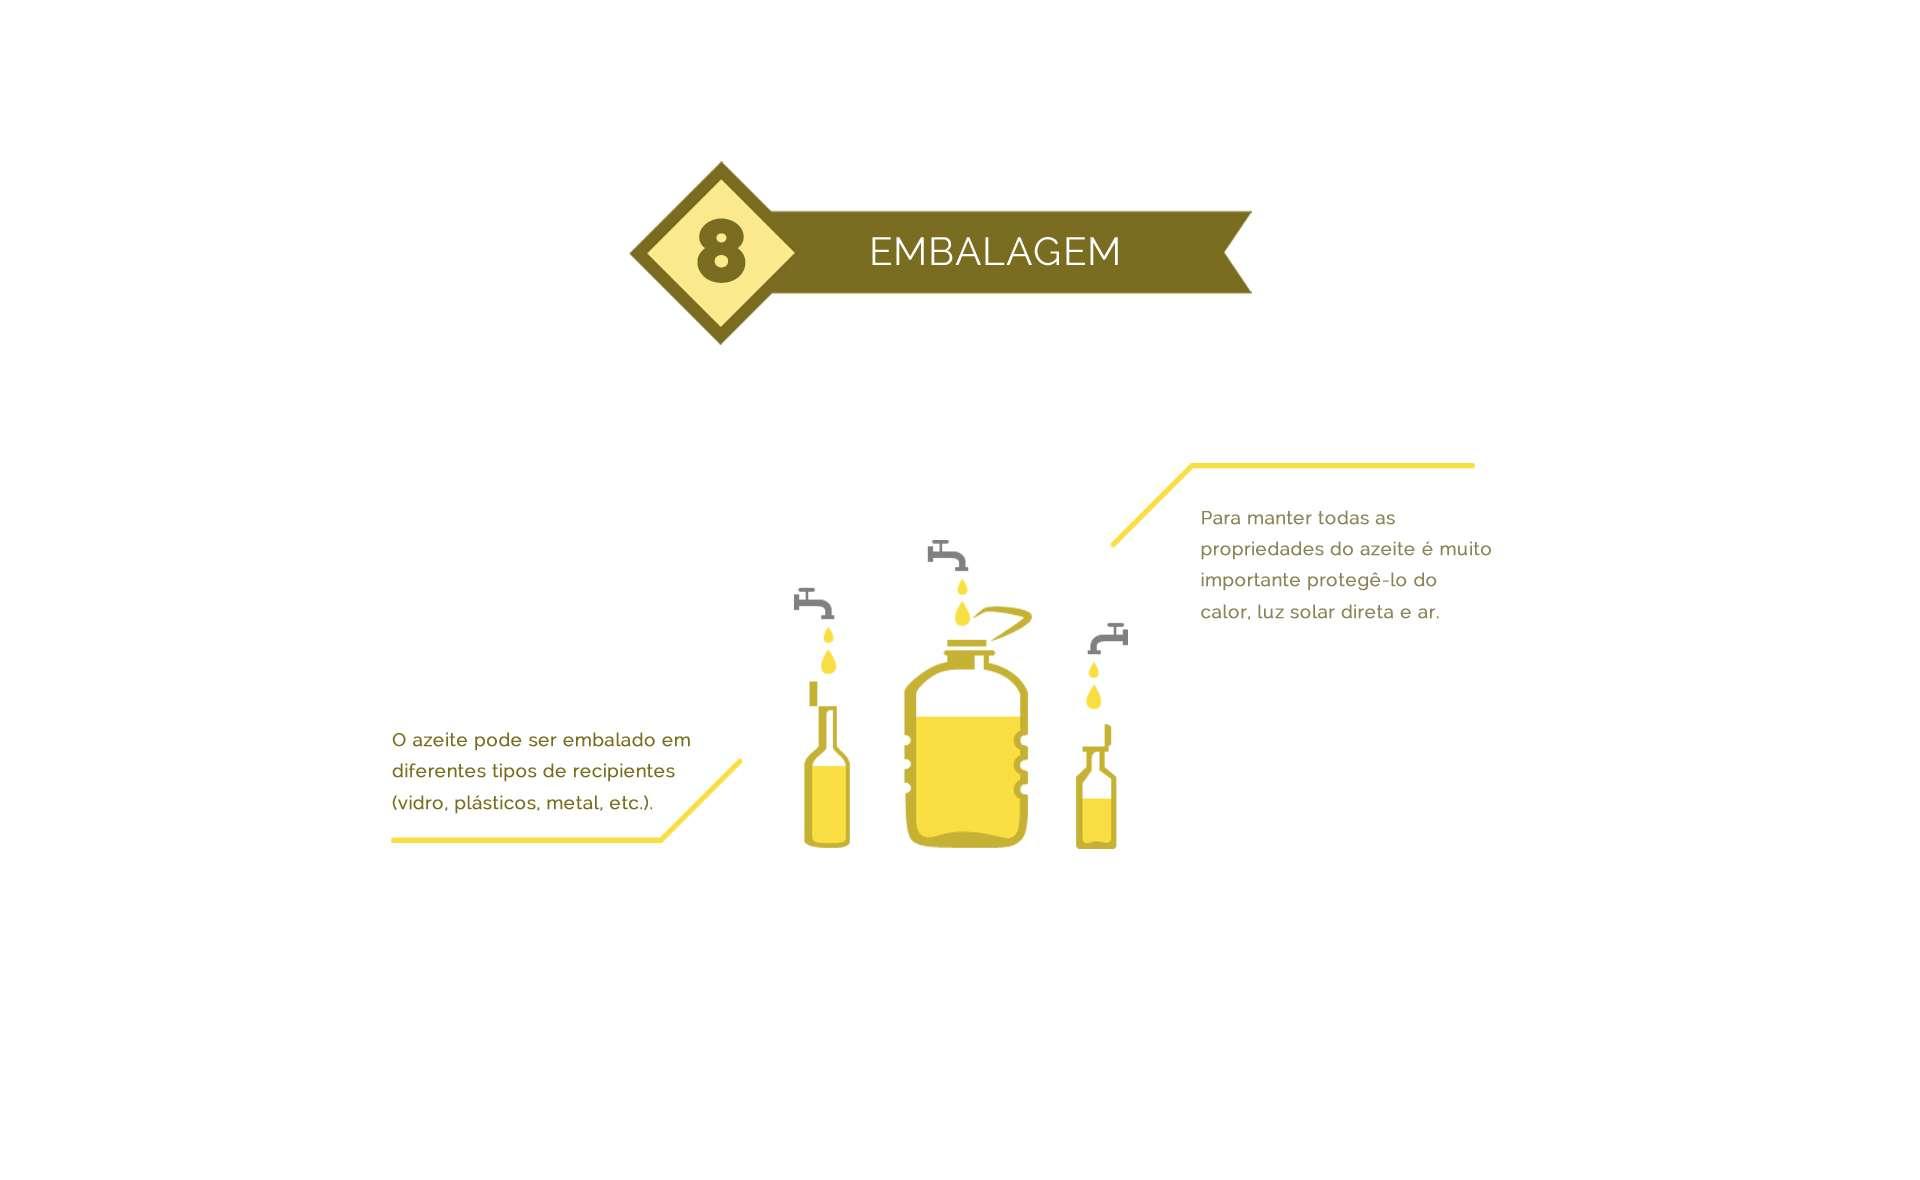 processo de embalagem do azeite de oliva